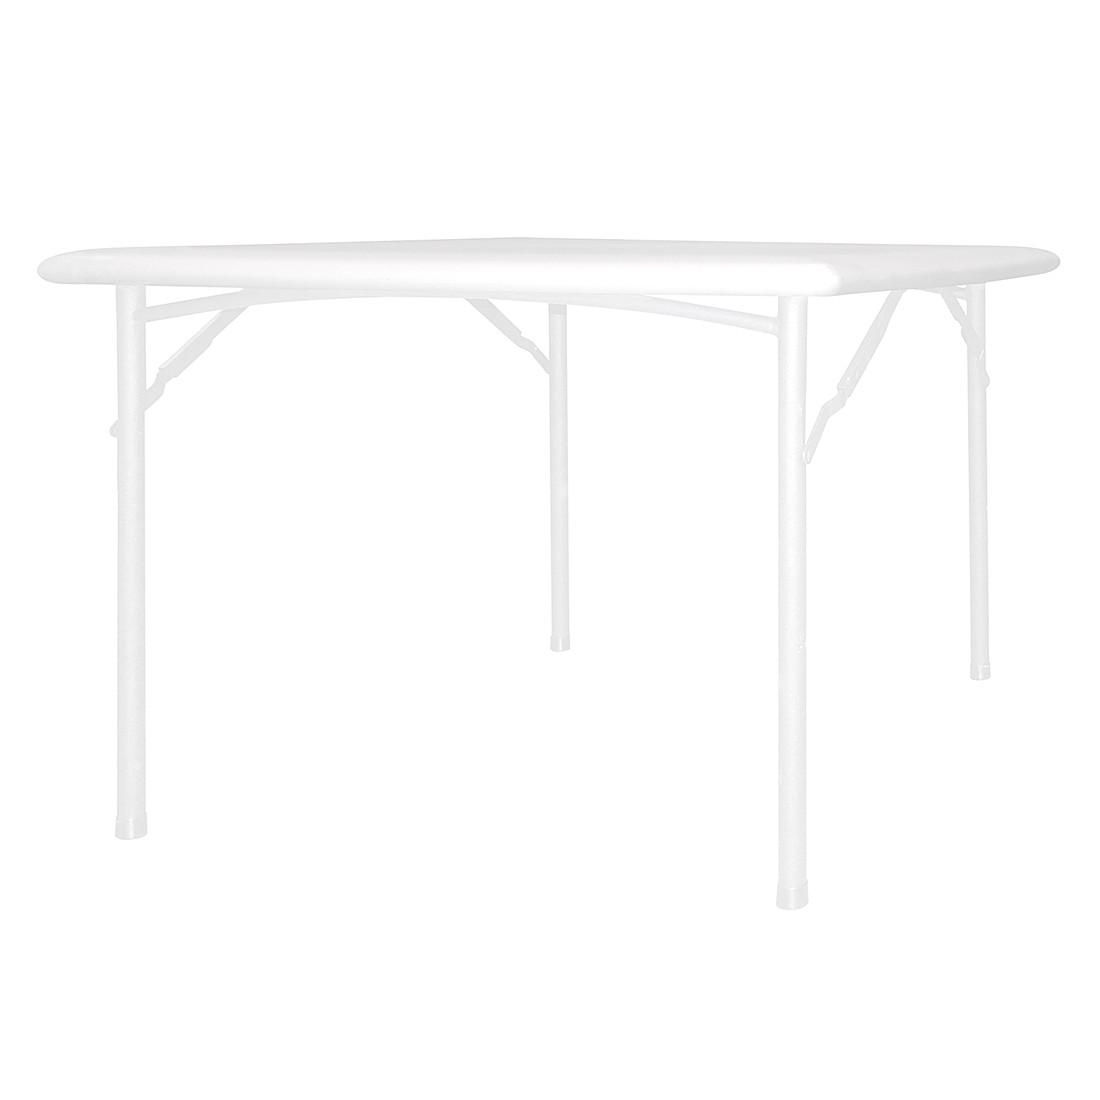 Klapptisch Space – Weiß, Blanke Design günstig